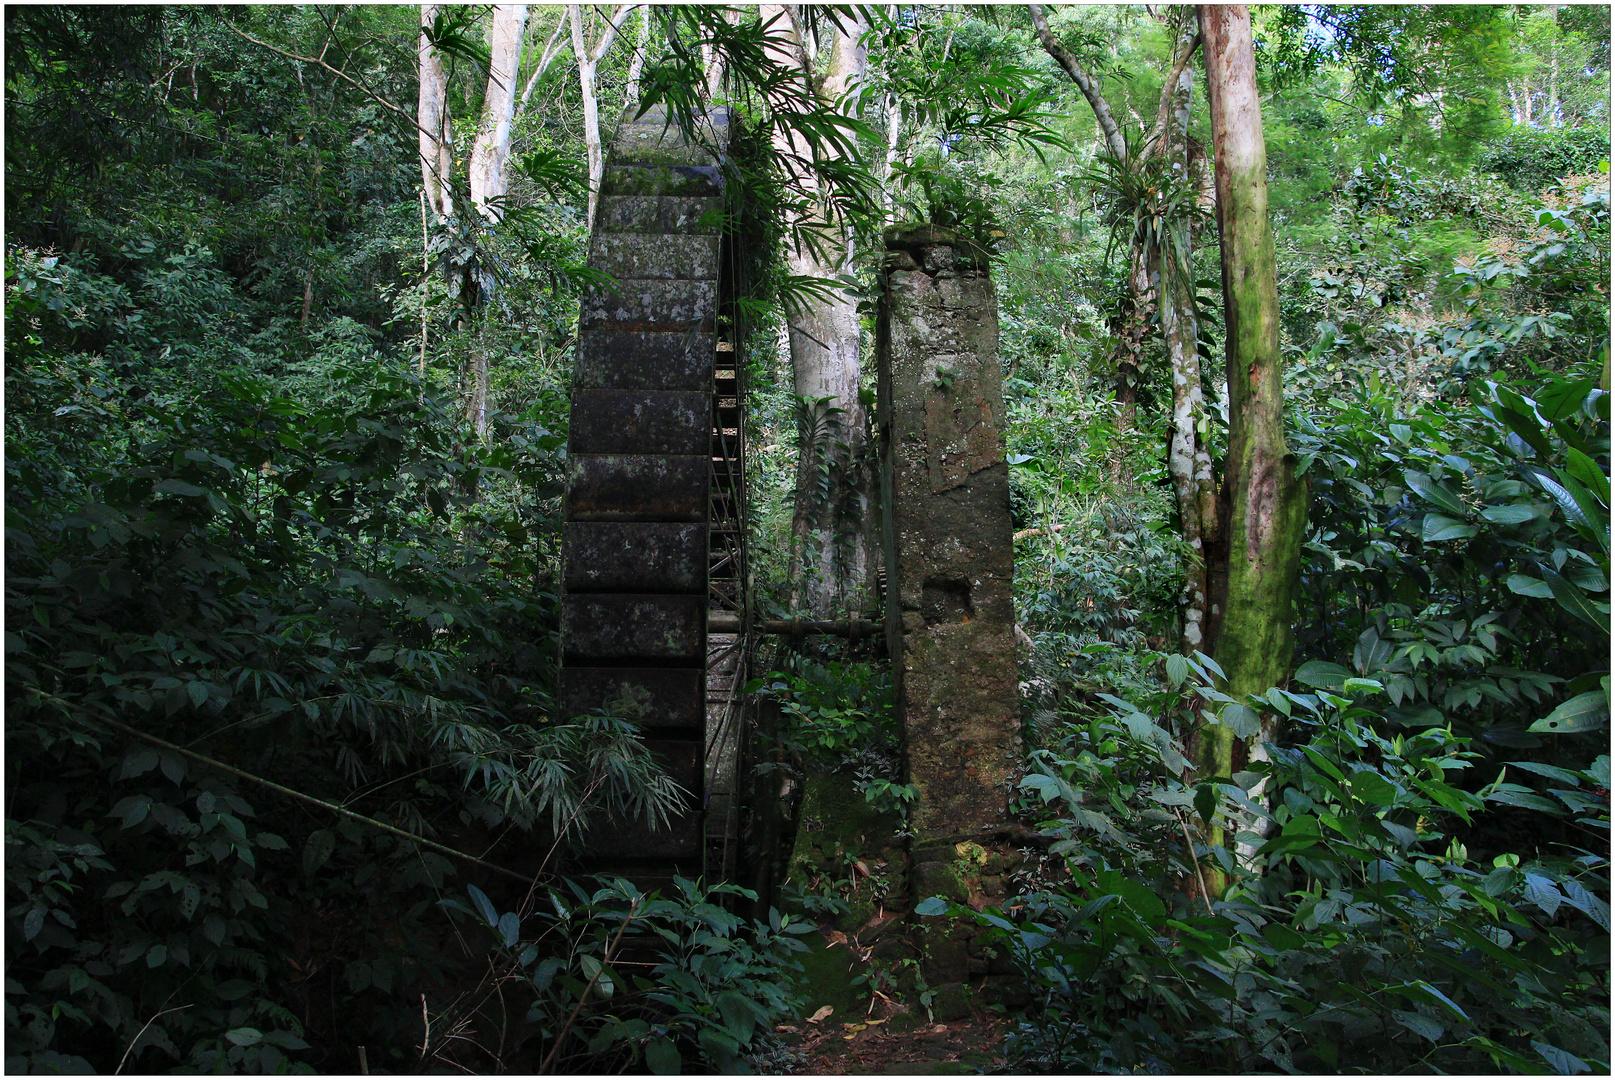 wasserrad im urwald foto  bild  world wald ruine